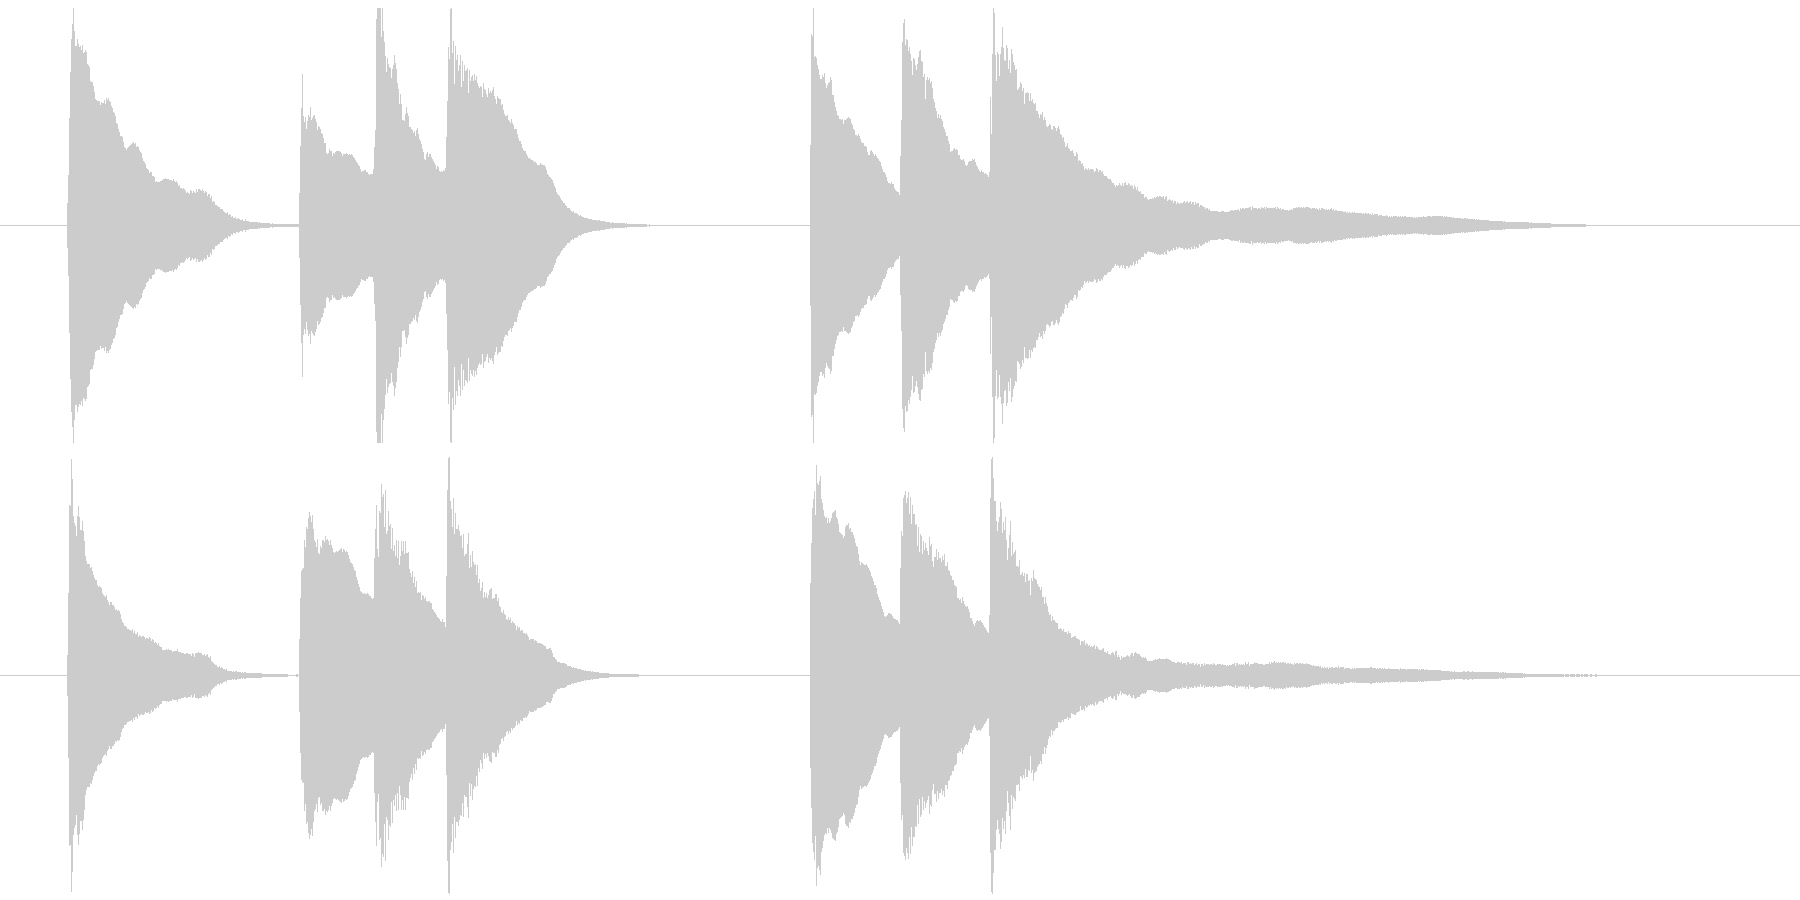 ピアノソロジングル06の未再生の波形